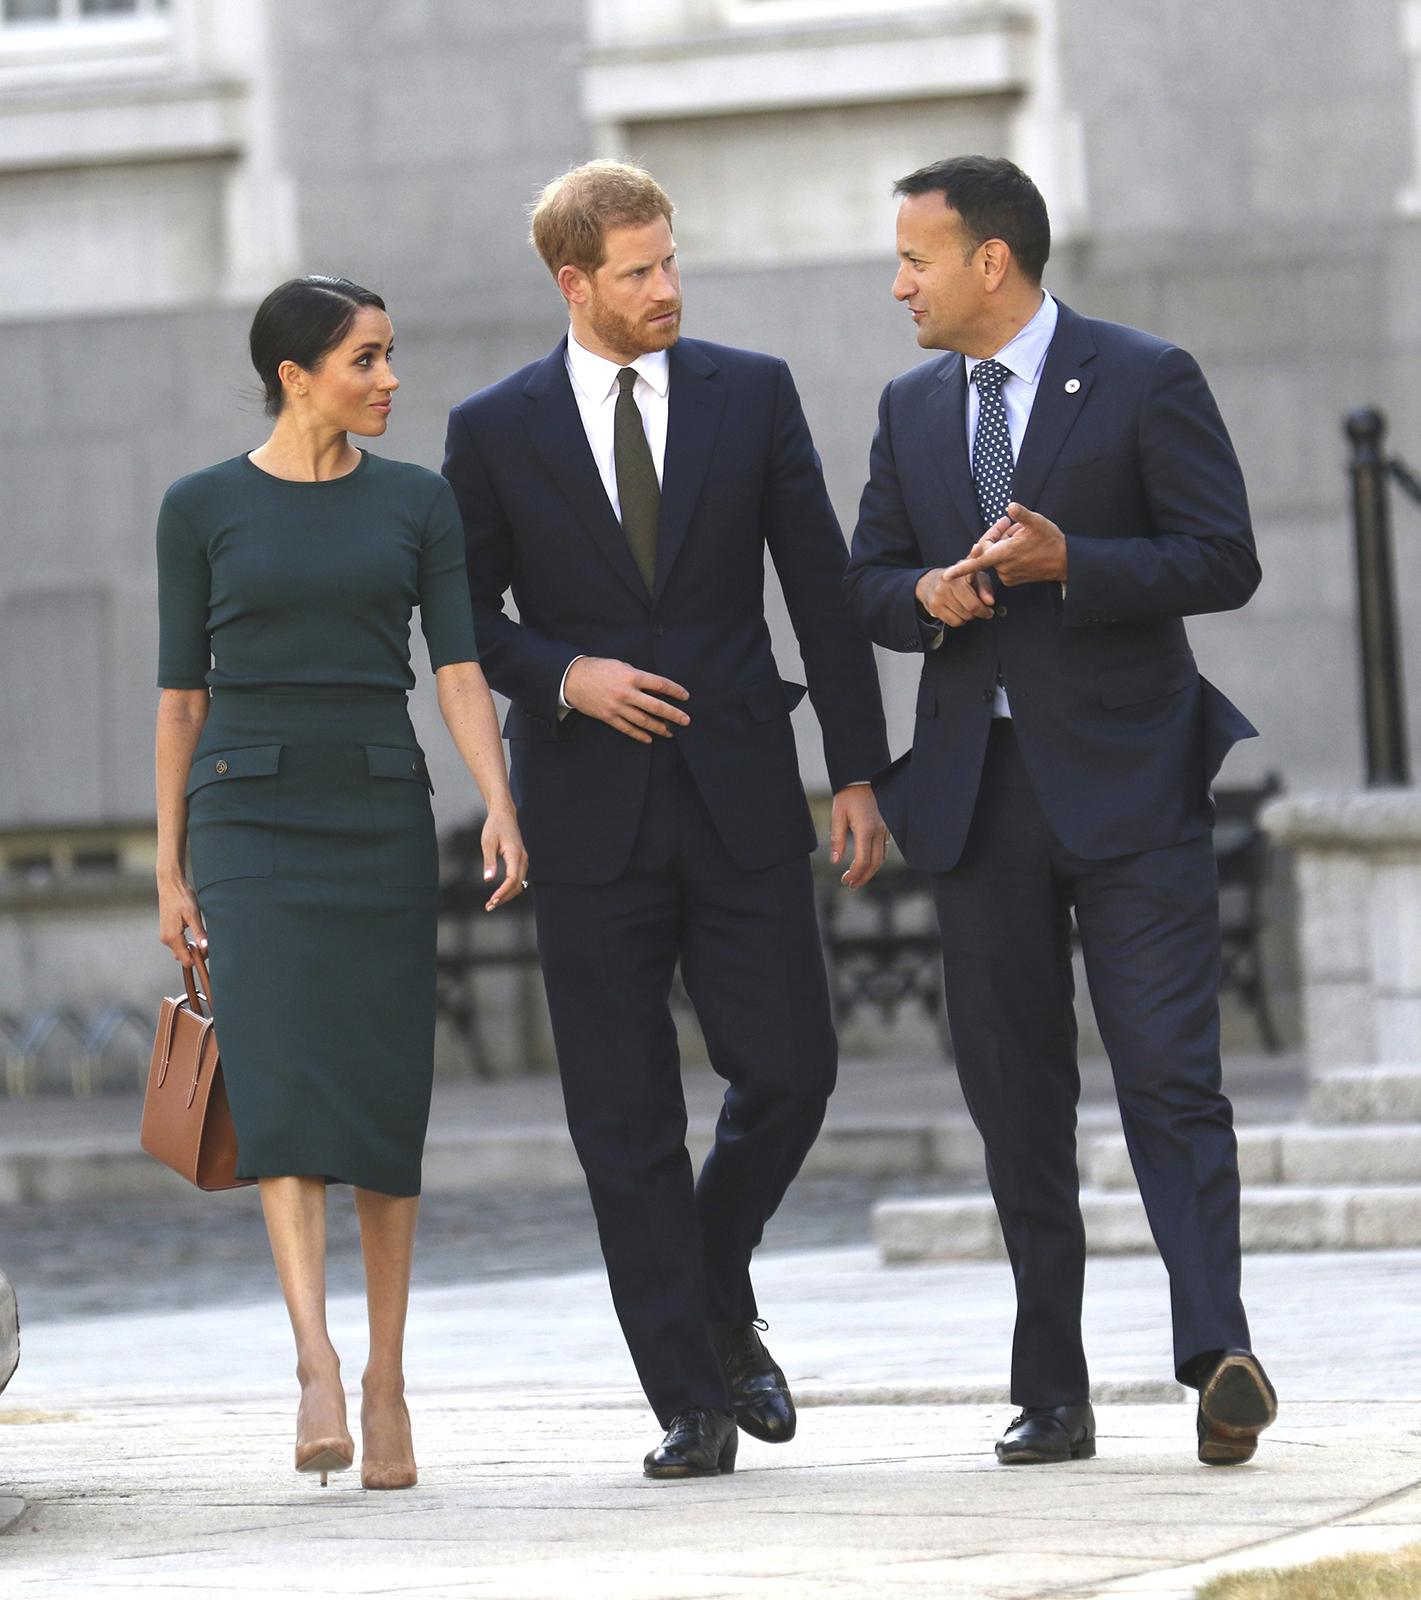 Los duques de Sussex realizaron una visita oficial de 24 horas a la República de Irlanda, la primera que hicieron después de casados. (Archivo)